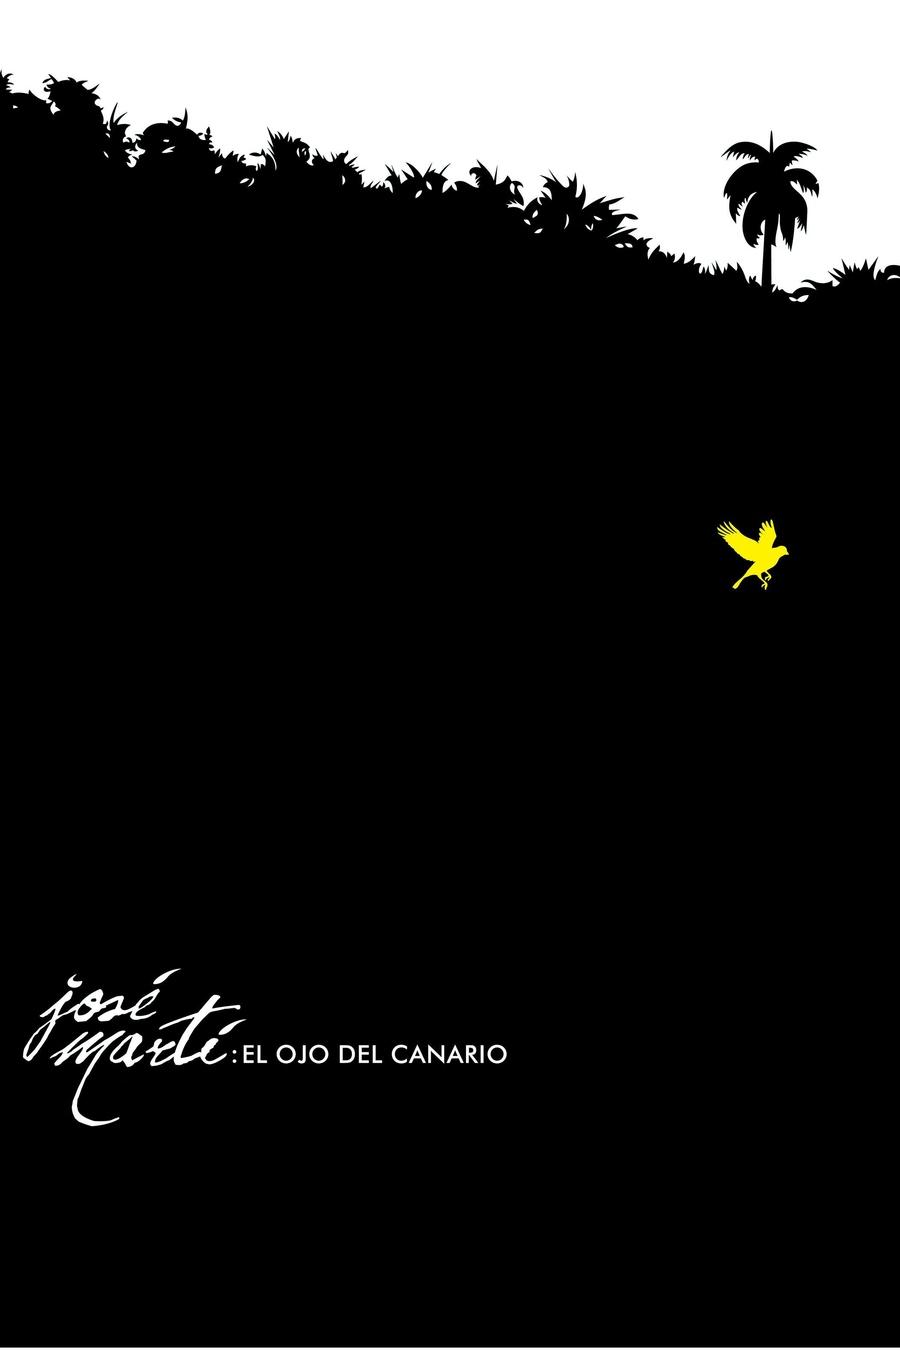 José Martí, el ojo del canario